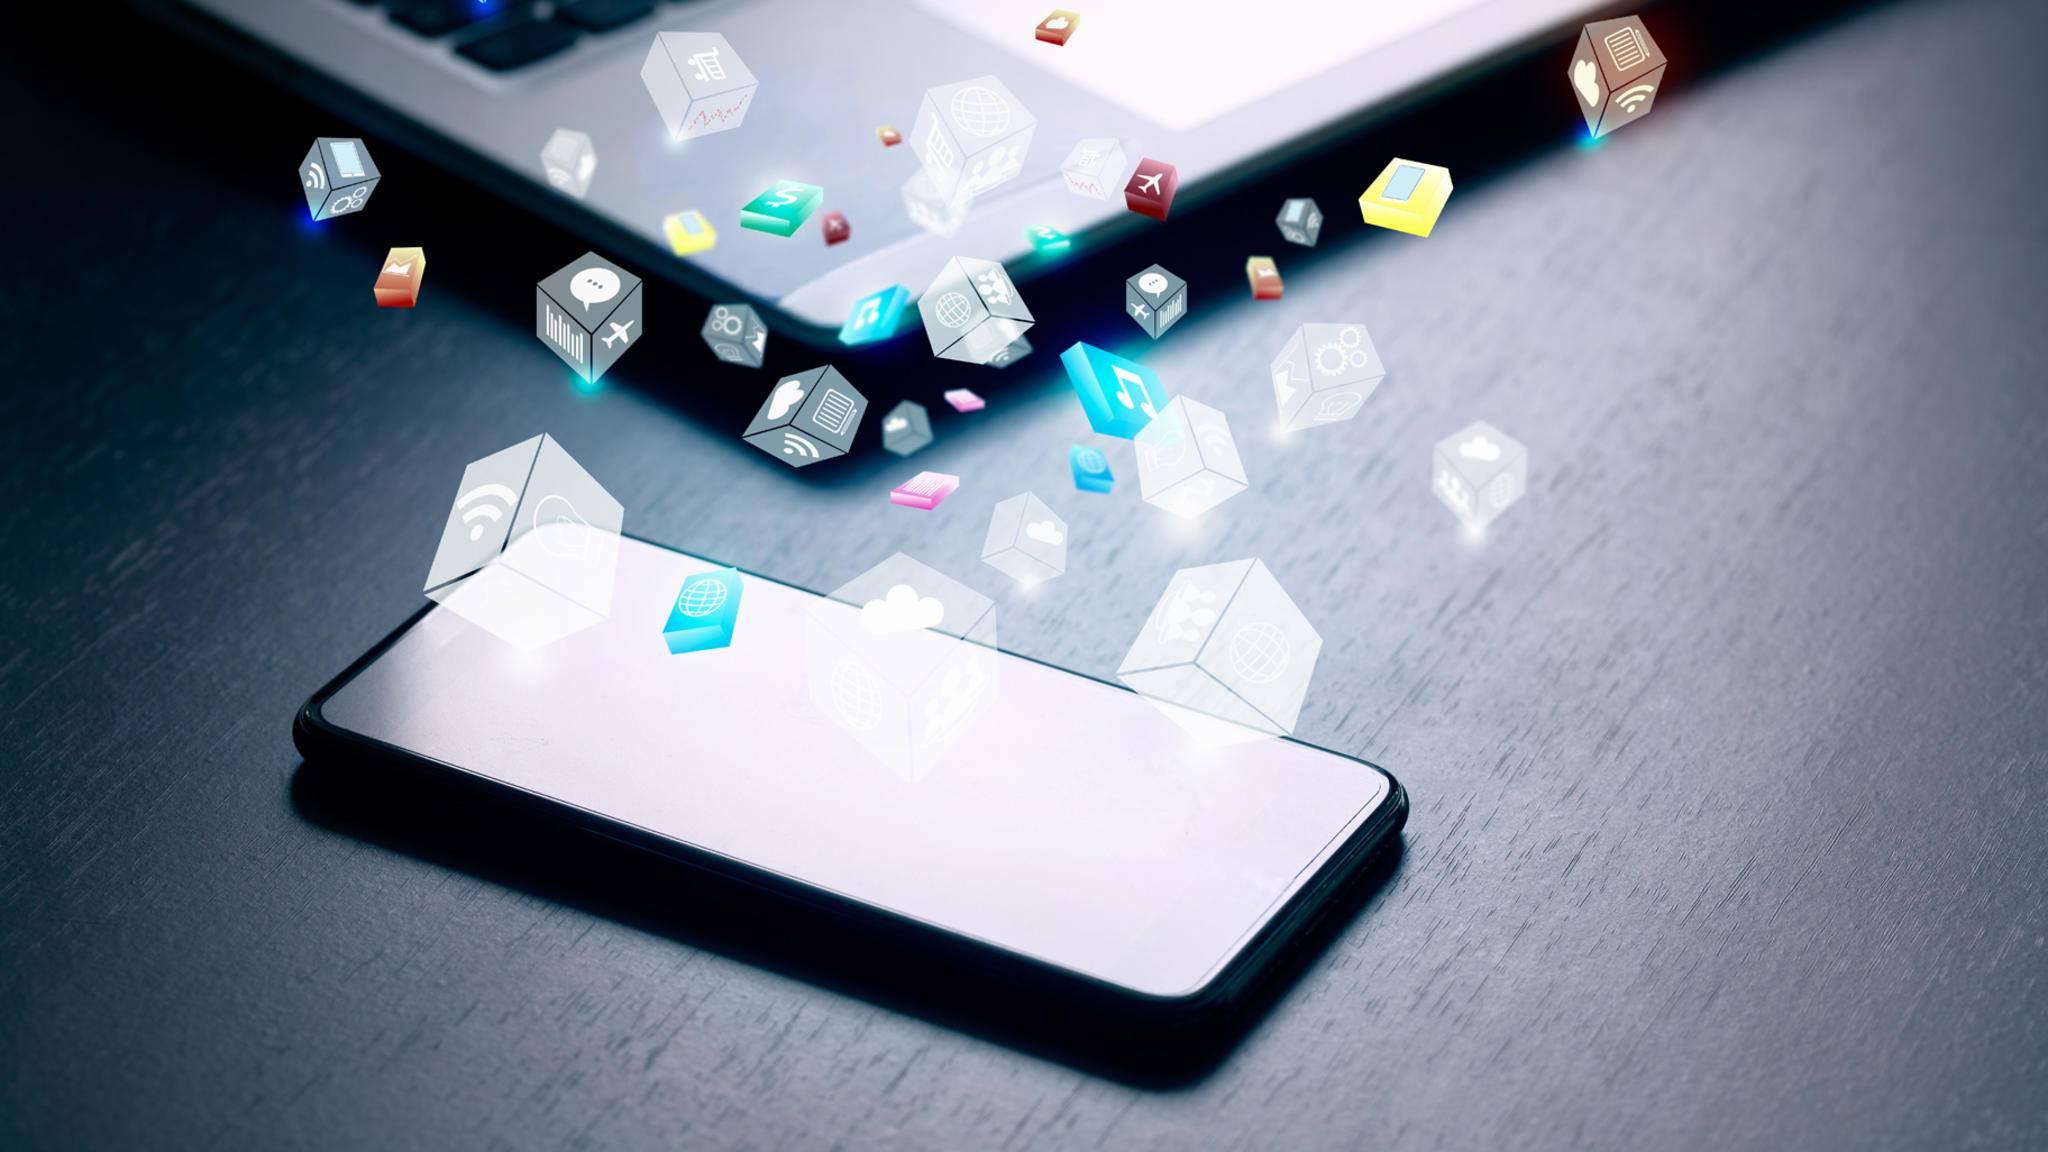 Wird Dein iCloud-Speicher knapp, kannst Du ihn problemlos erweitern.